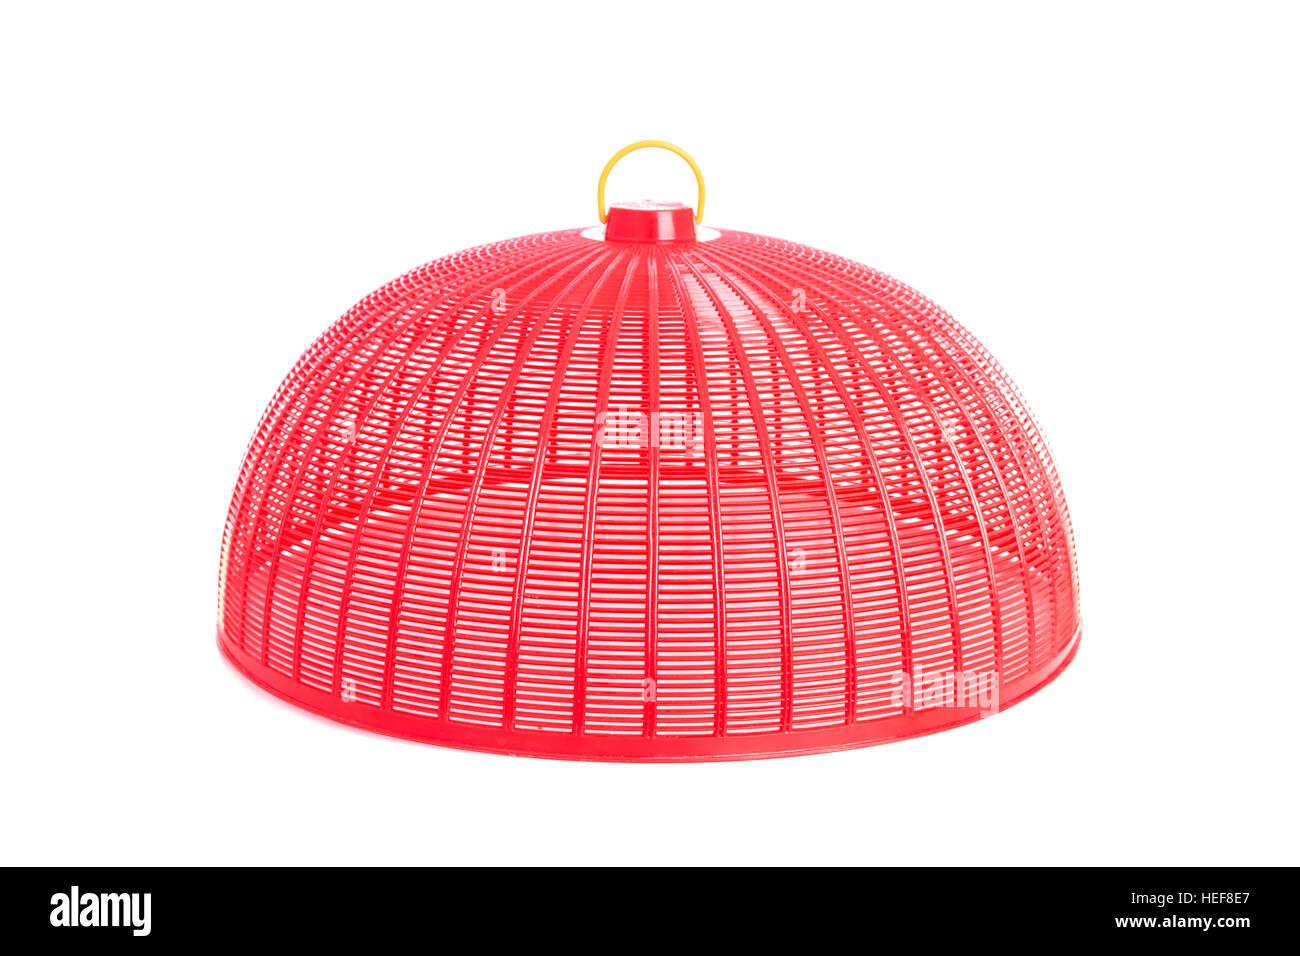 Roten Kunststoffgitter Abdeckung (verwendet, um Lebensmittel vor Insekten zu schützen) isoliert auf weißem Stockbild